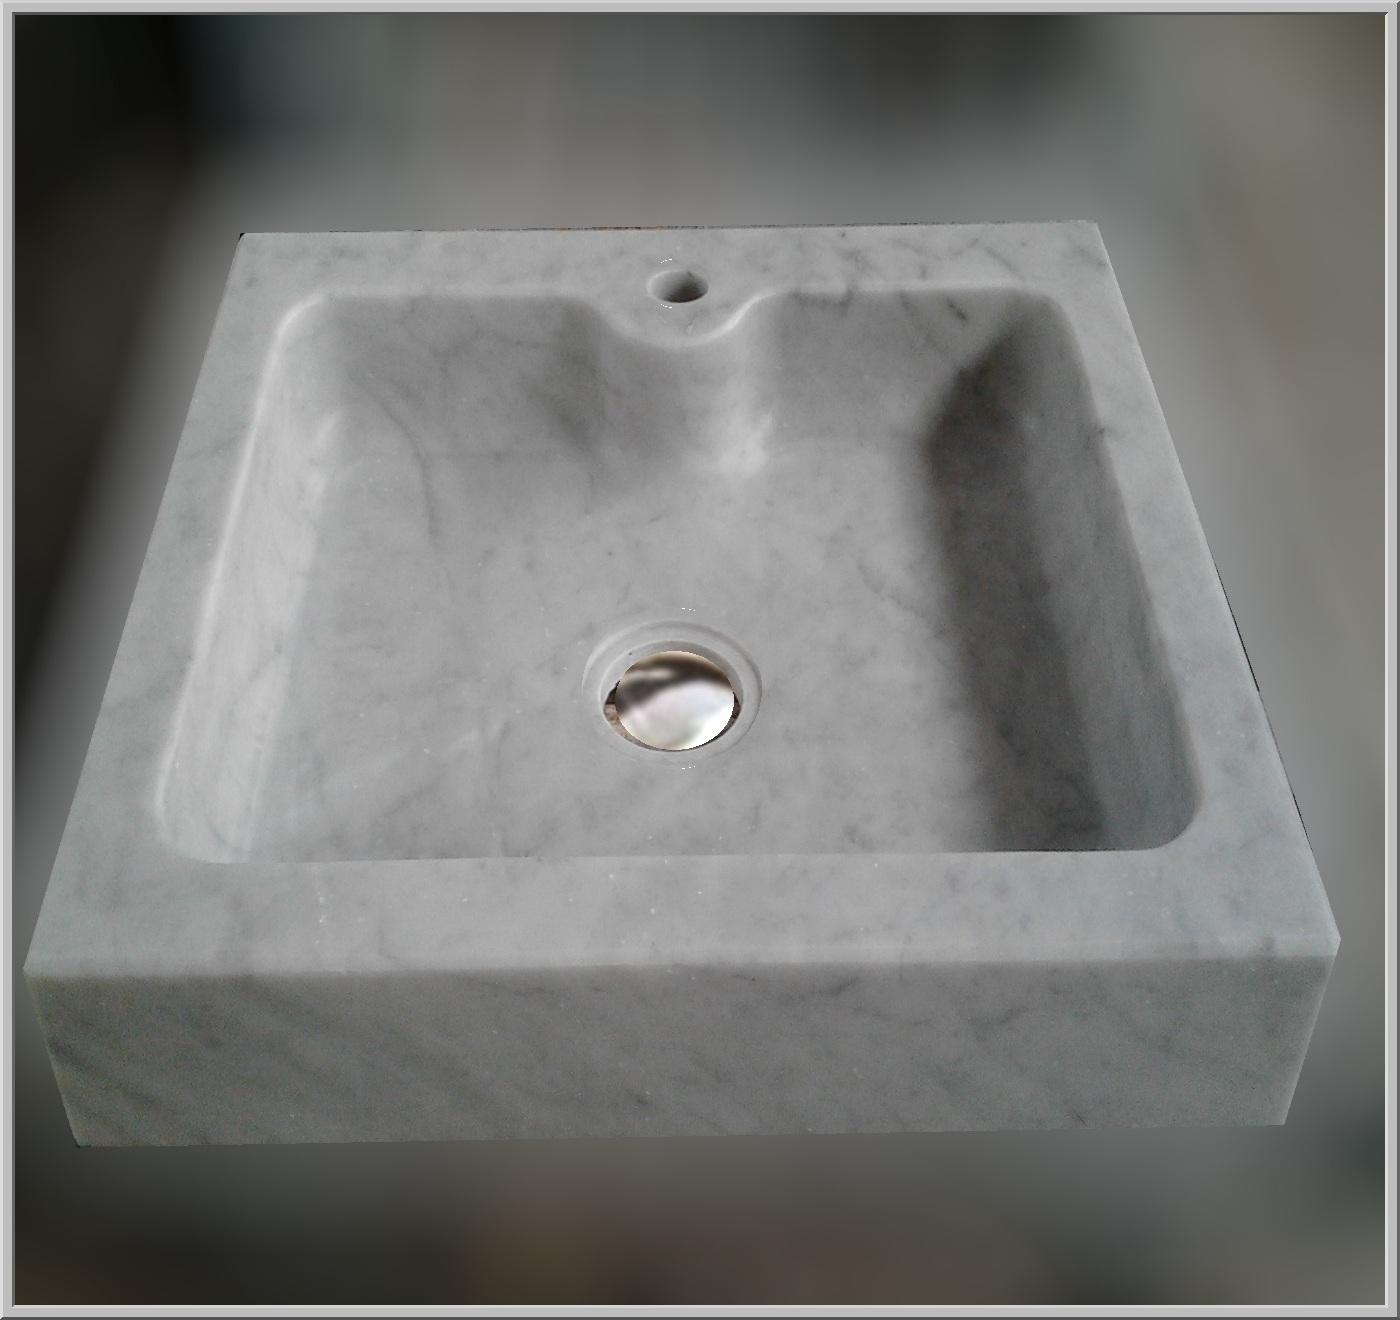 Lavandino da esterno tutte le offerte cascare a fagiolo for Salottini da esterno offerte